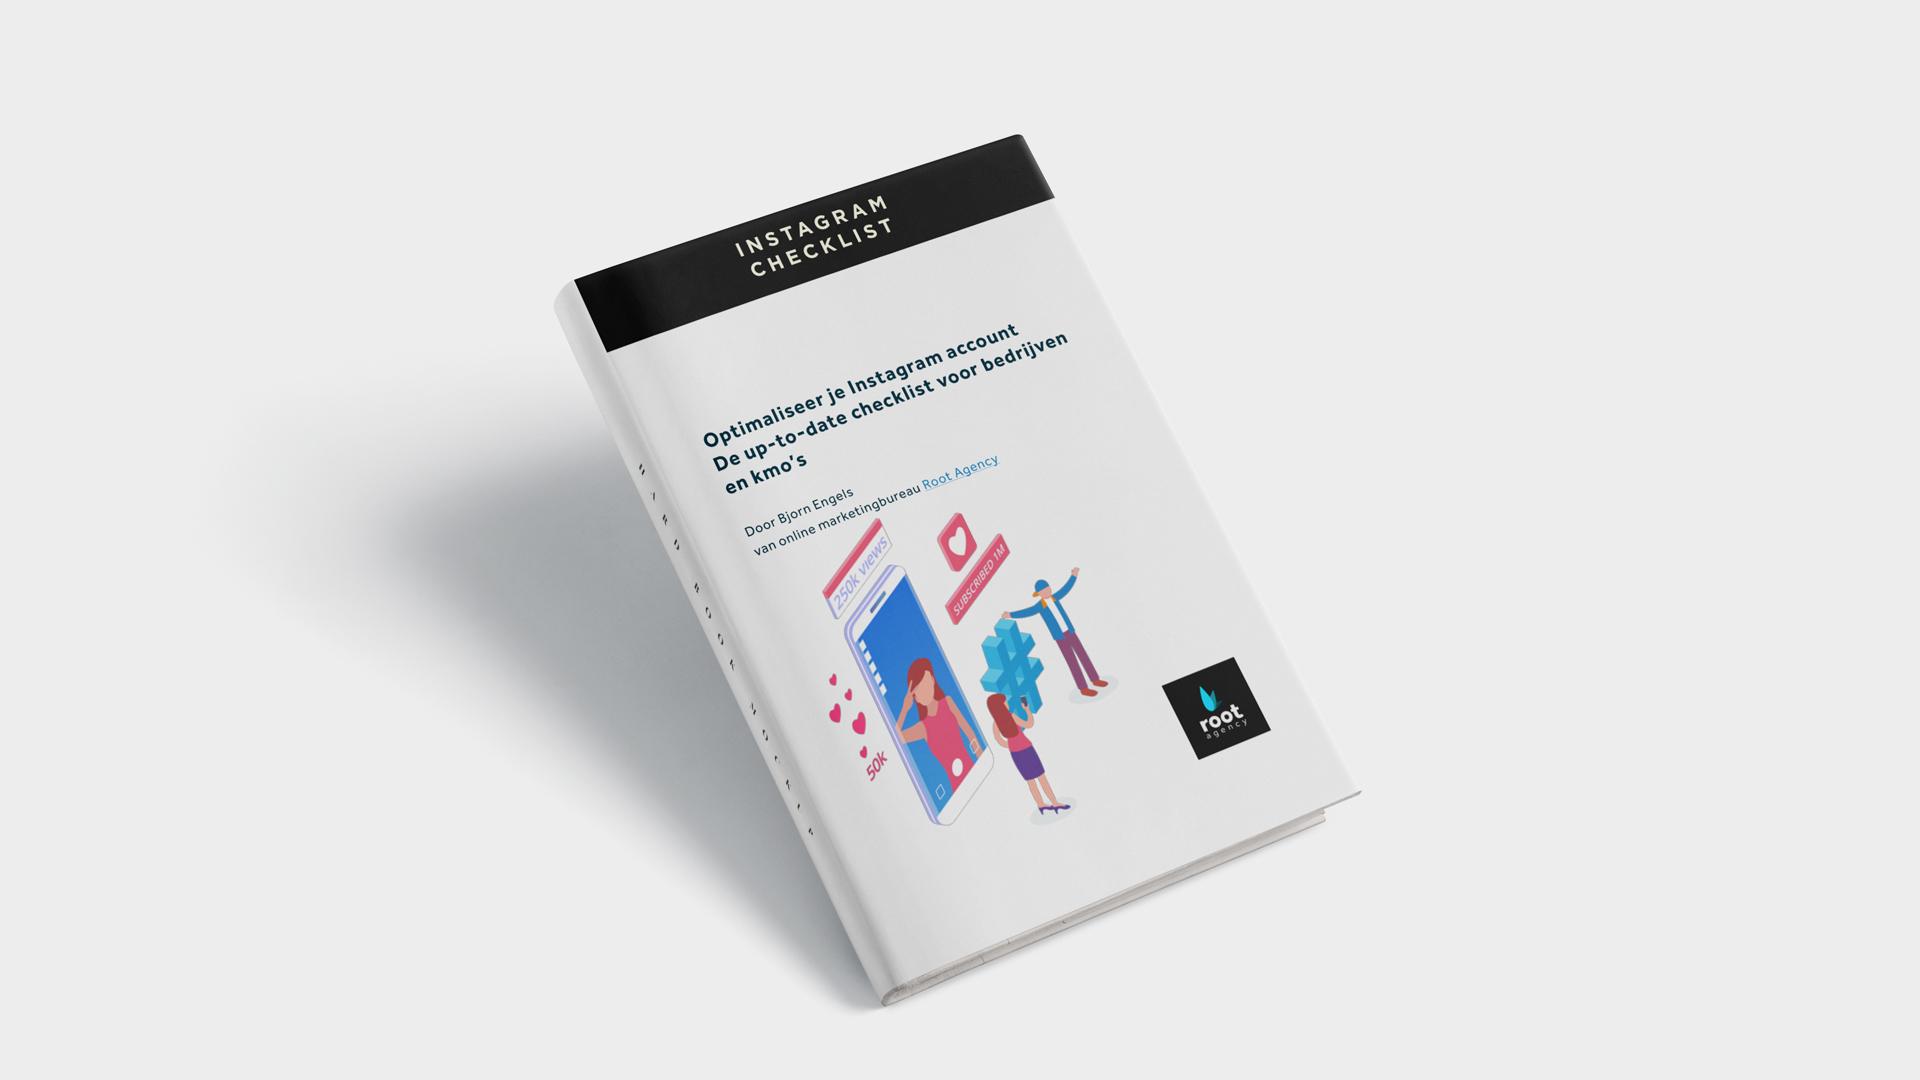 Instagram-Checklist-Whitepaper-book-visual-1920x1080 Downloads